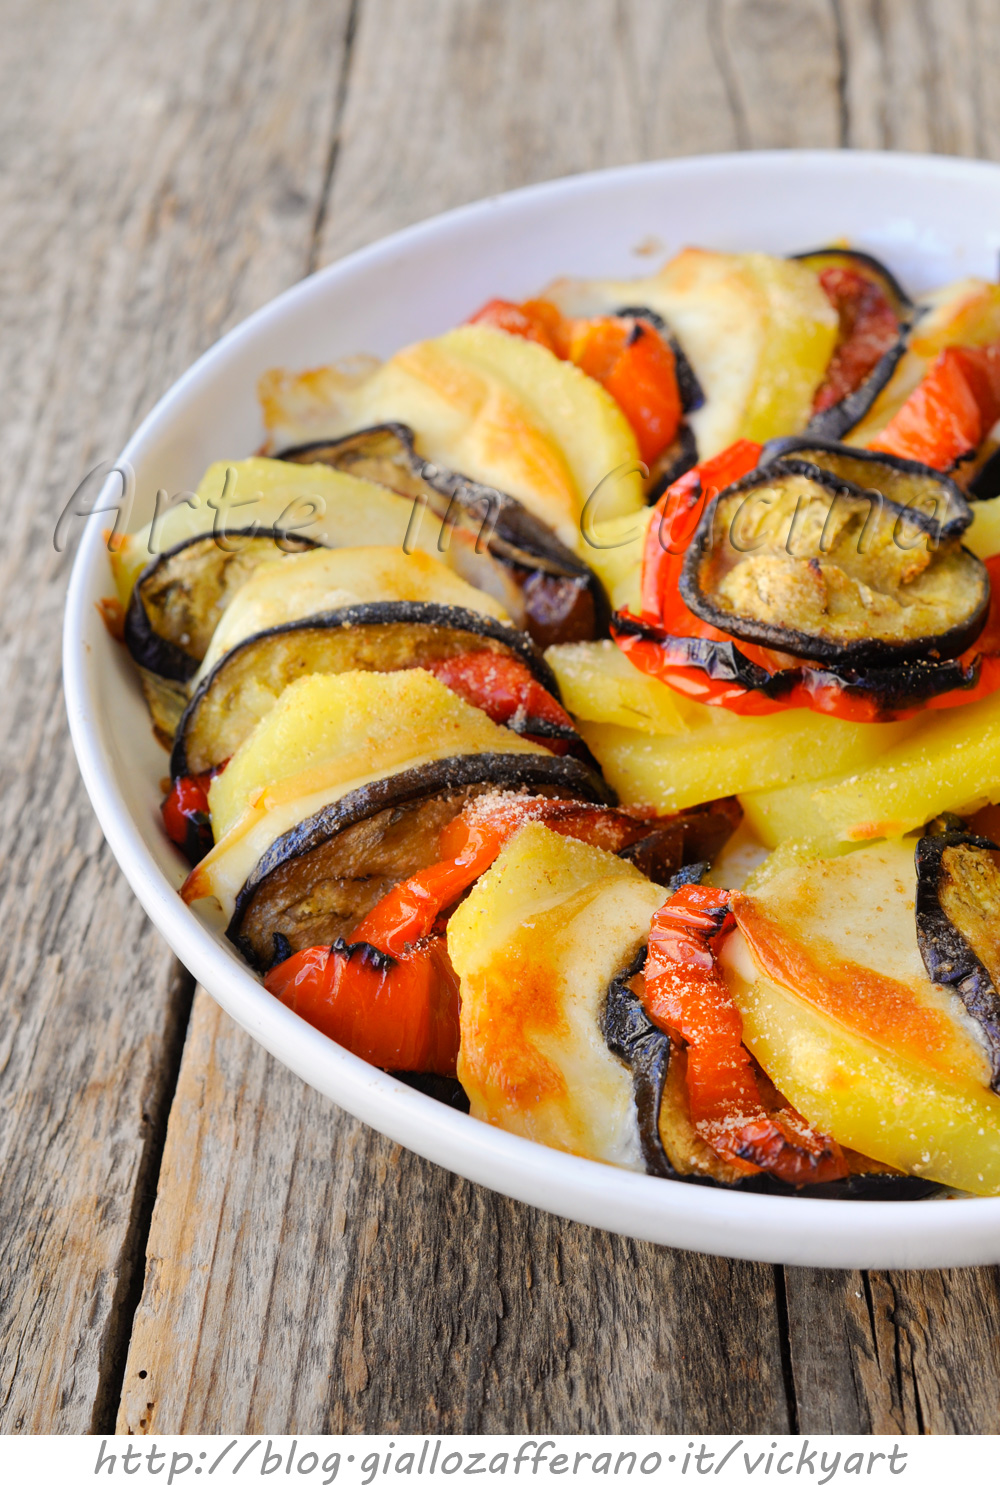 Patate con melanzane peperoni e provola gratinate vickyart arte in cucina